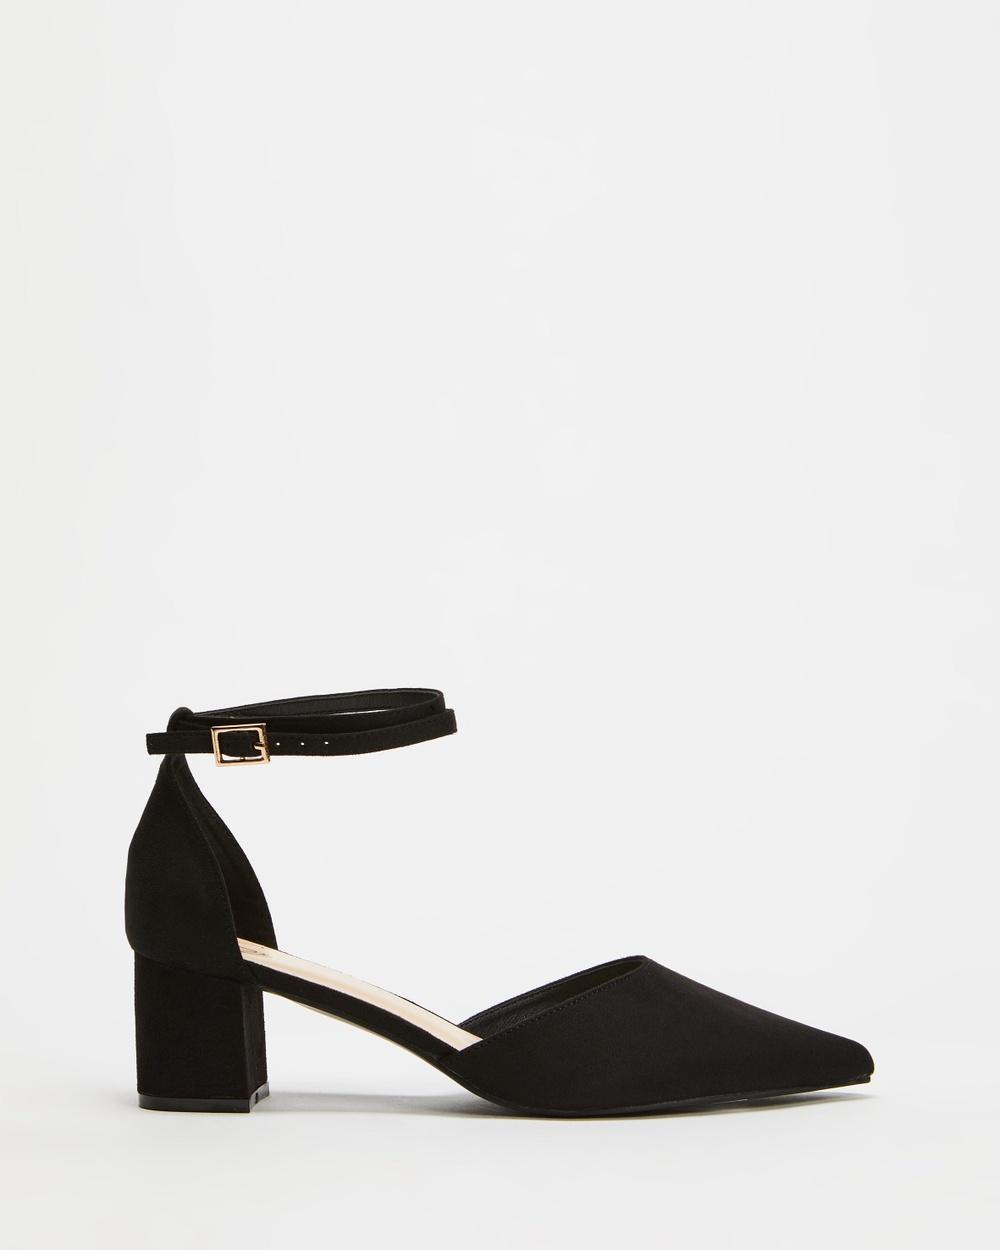 SPURR Helena Heels Mid-low heels Black Microsuede Australia